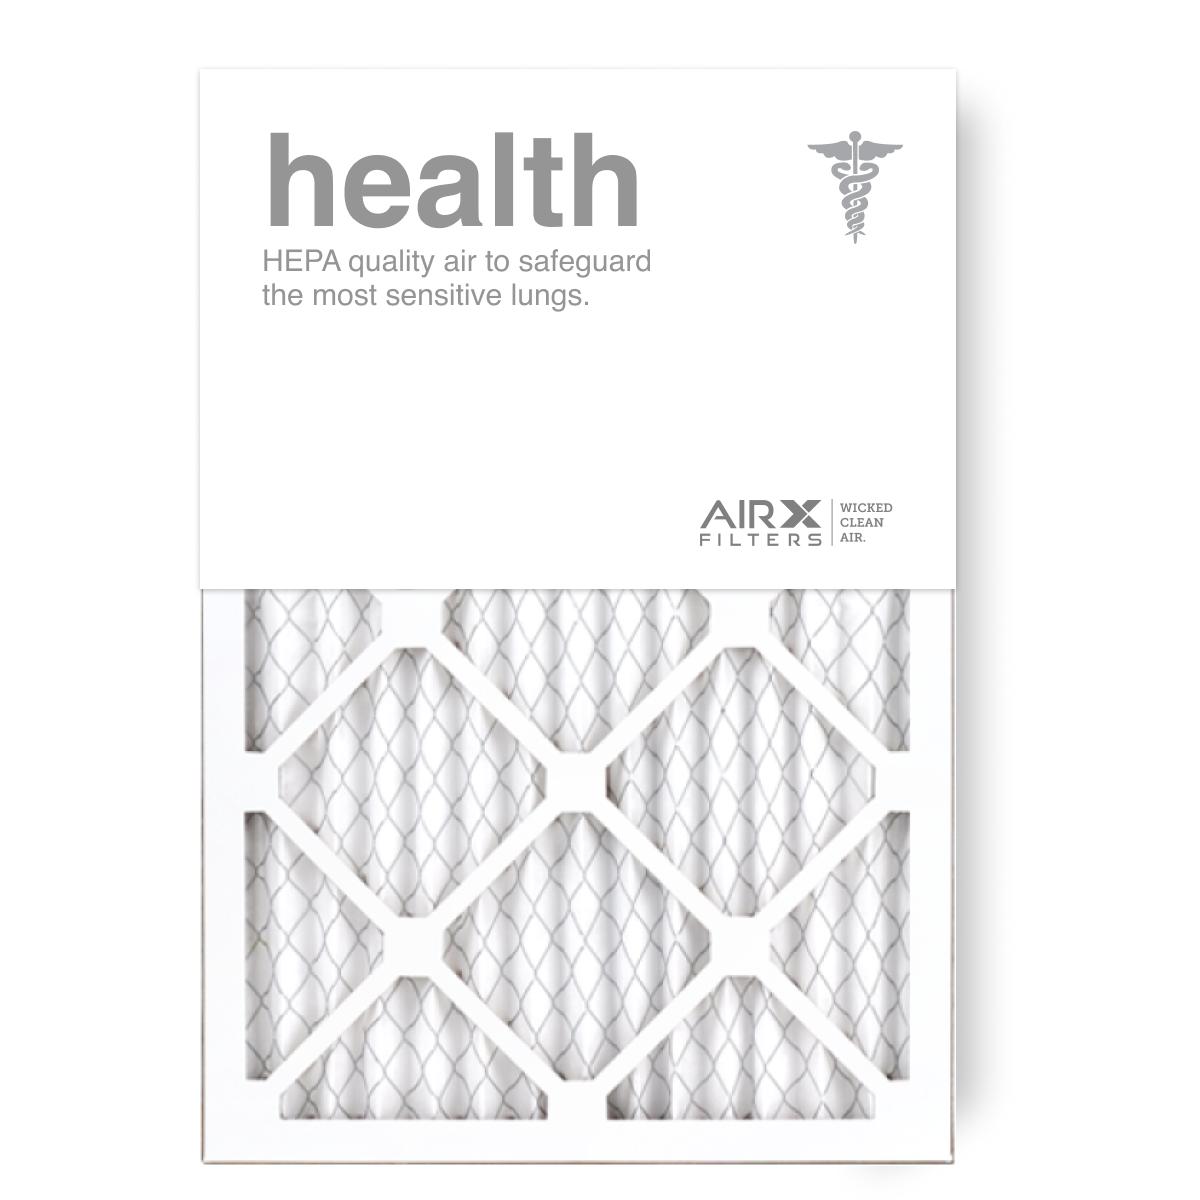 14x20x1 AIRx HEALTH Air Filter